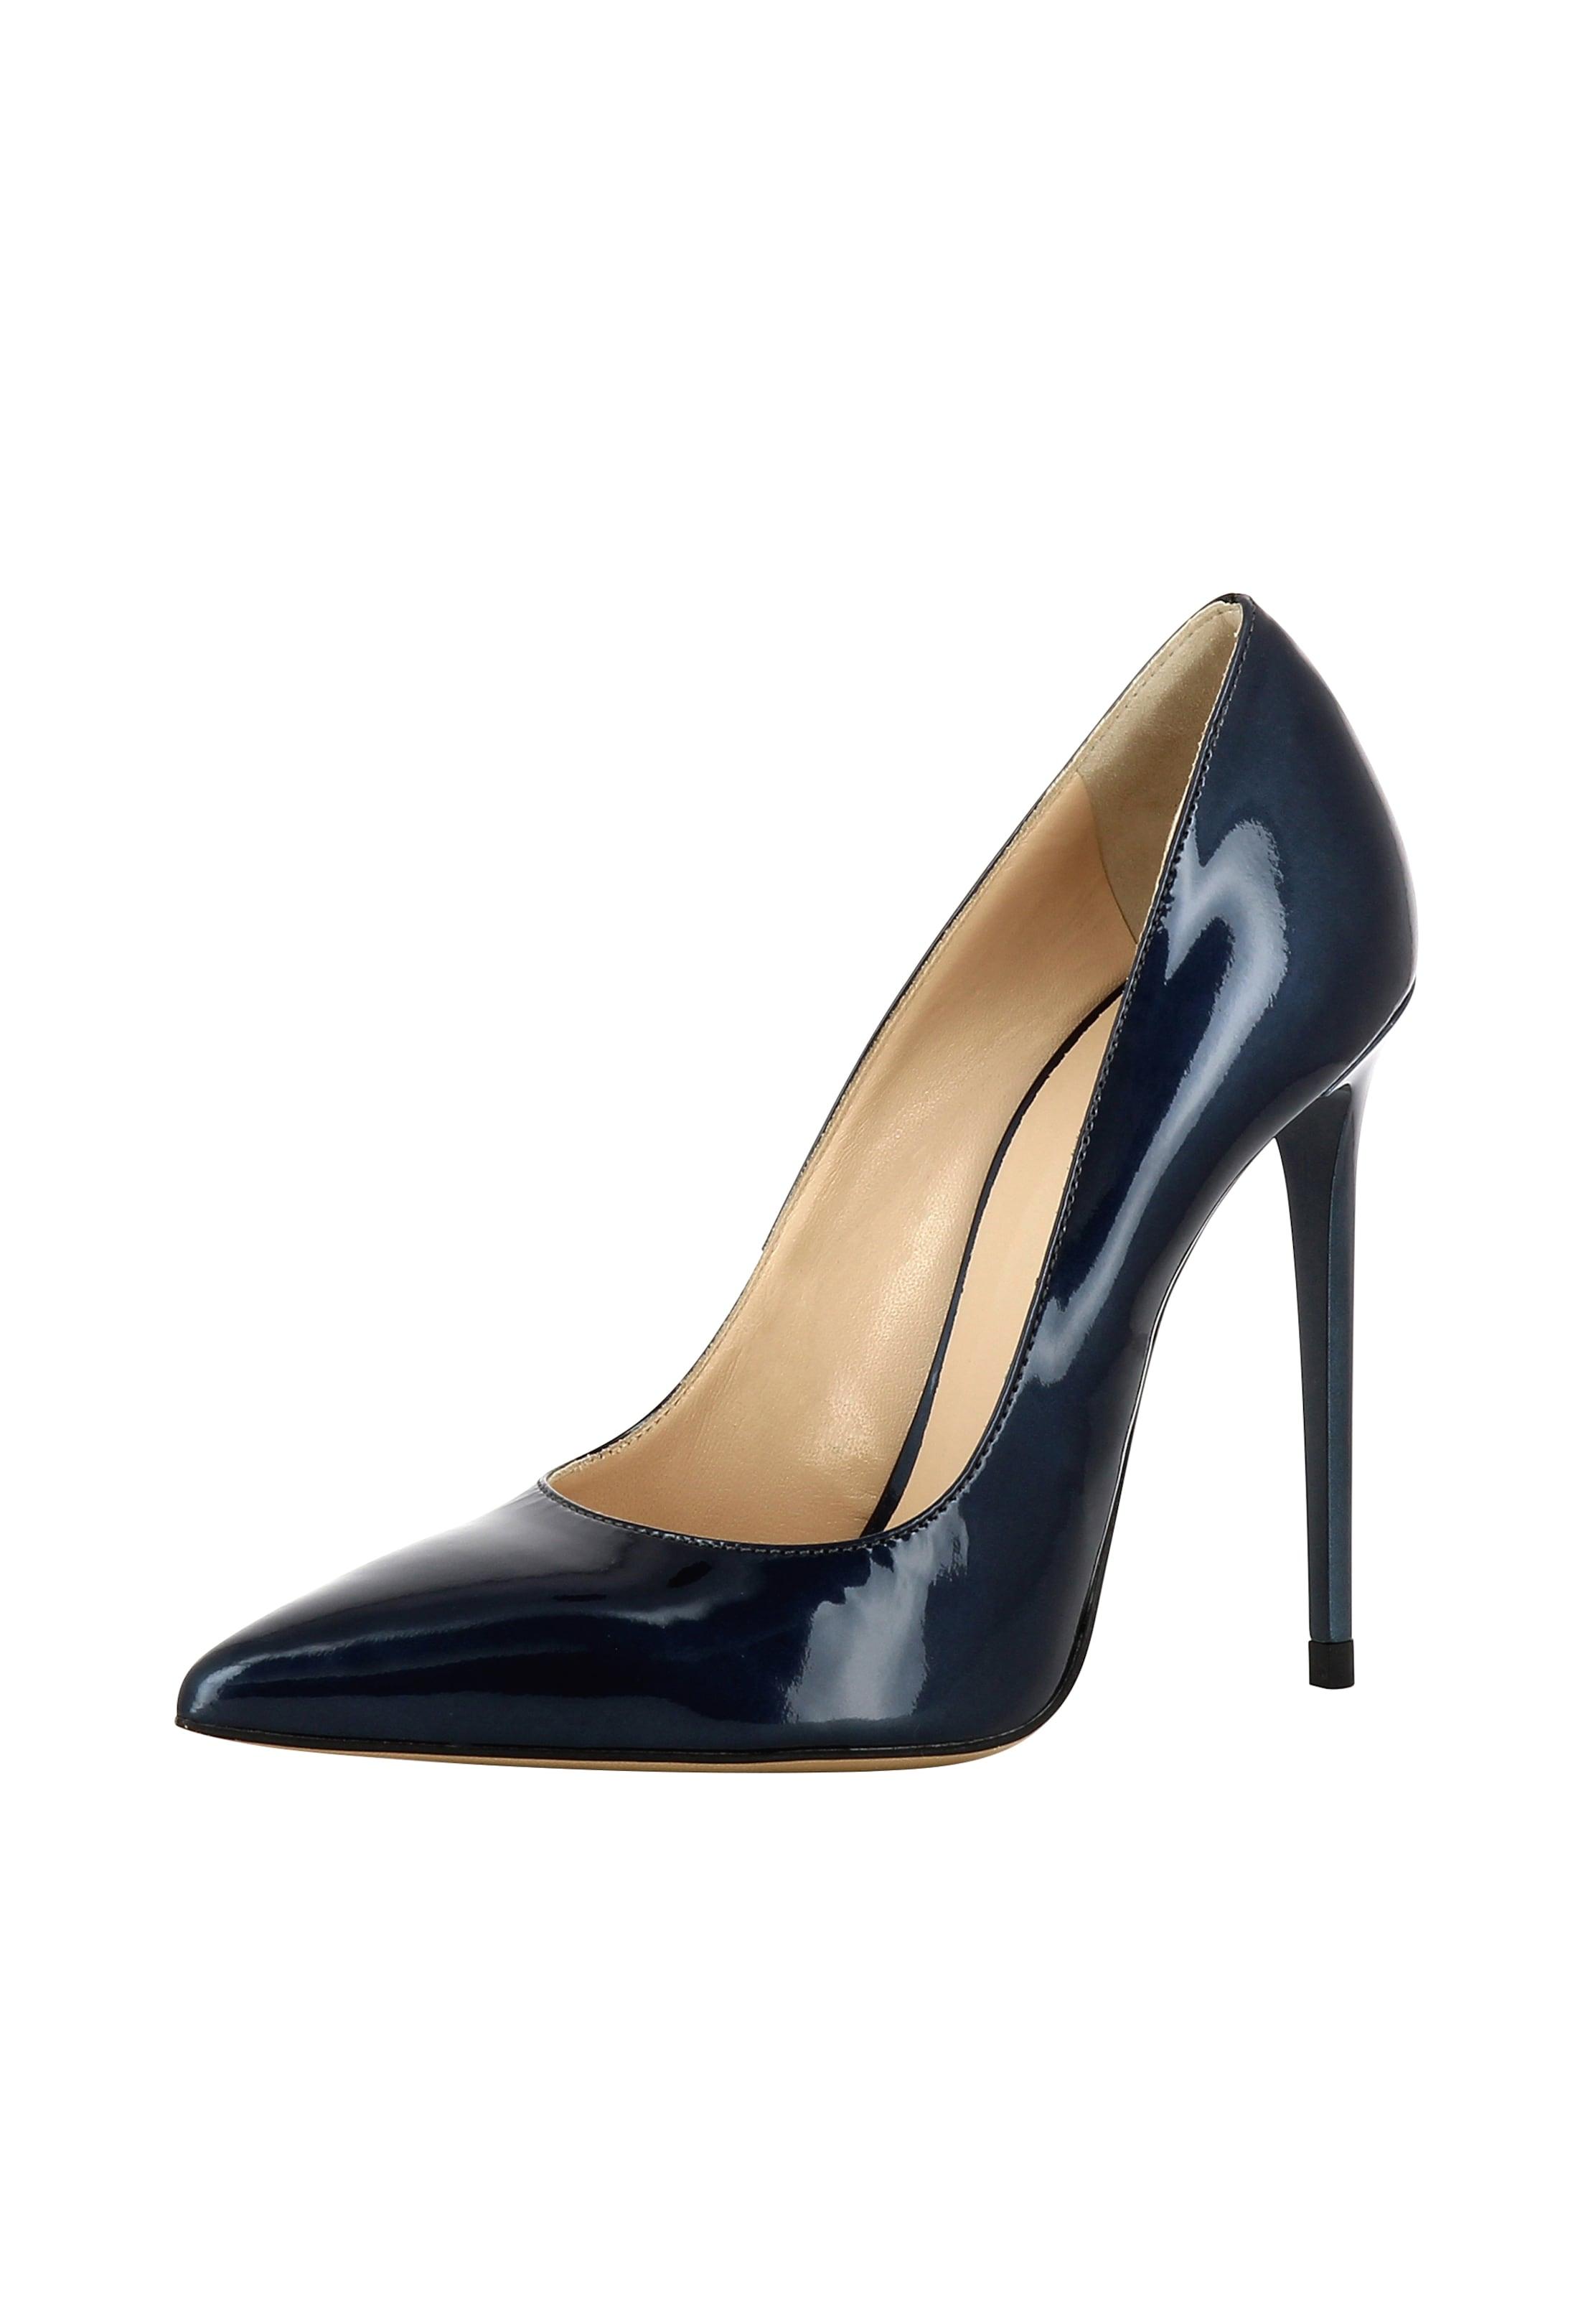 EVITA Pumps LISA Verschleißfeste billige Schuhe